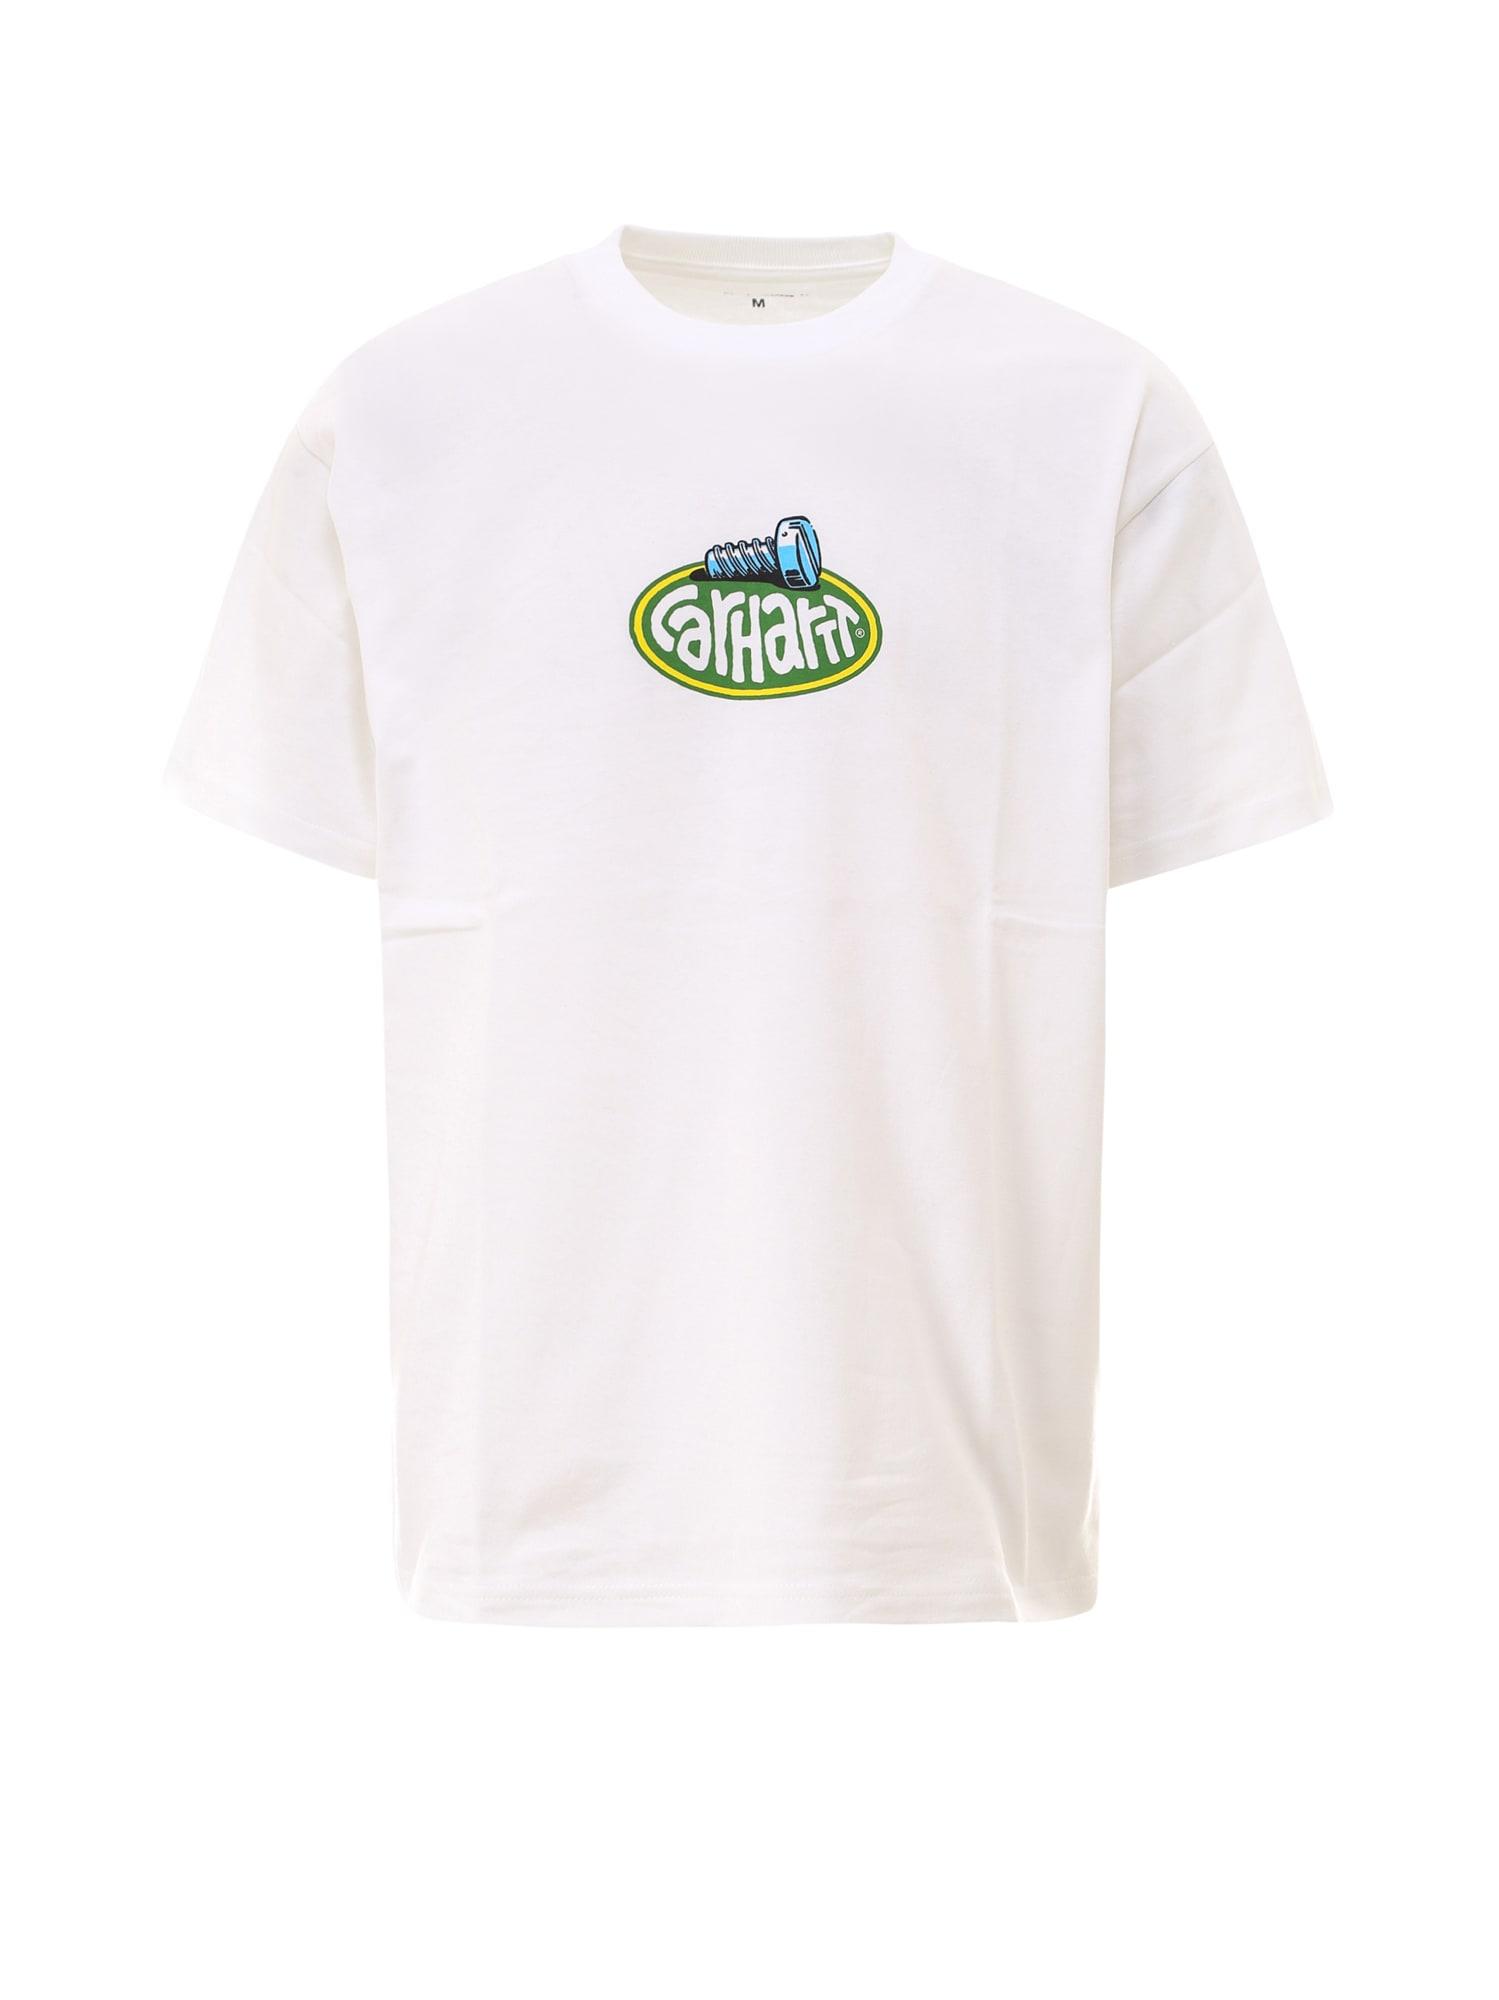 Carhartt Cottons T-SHIRT